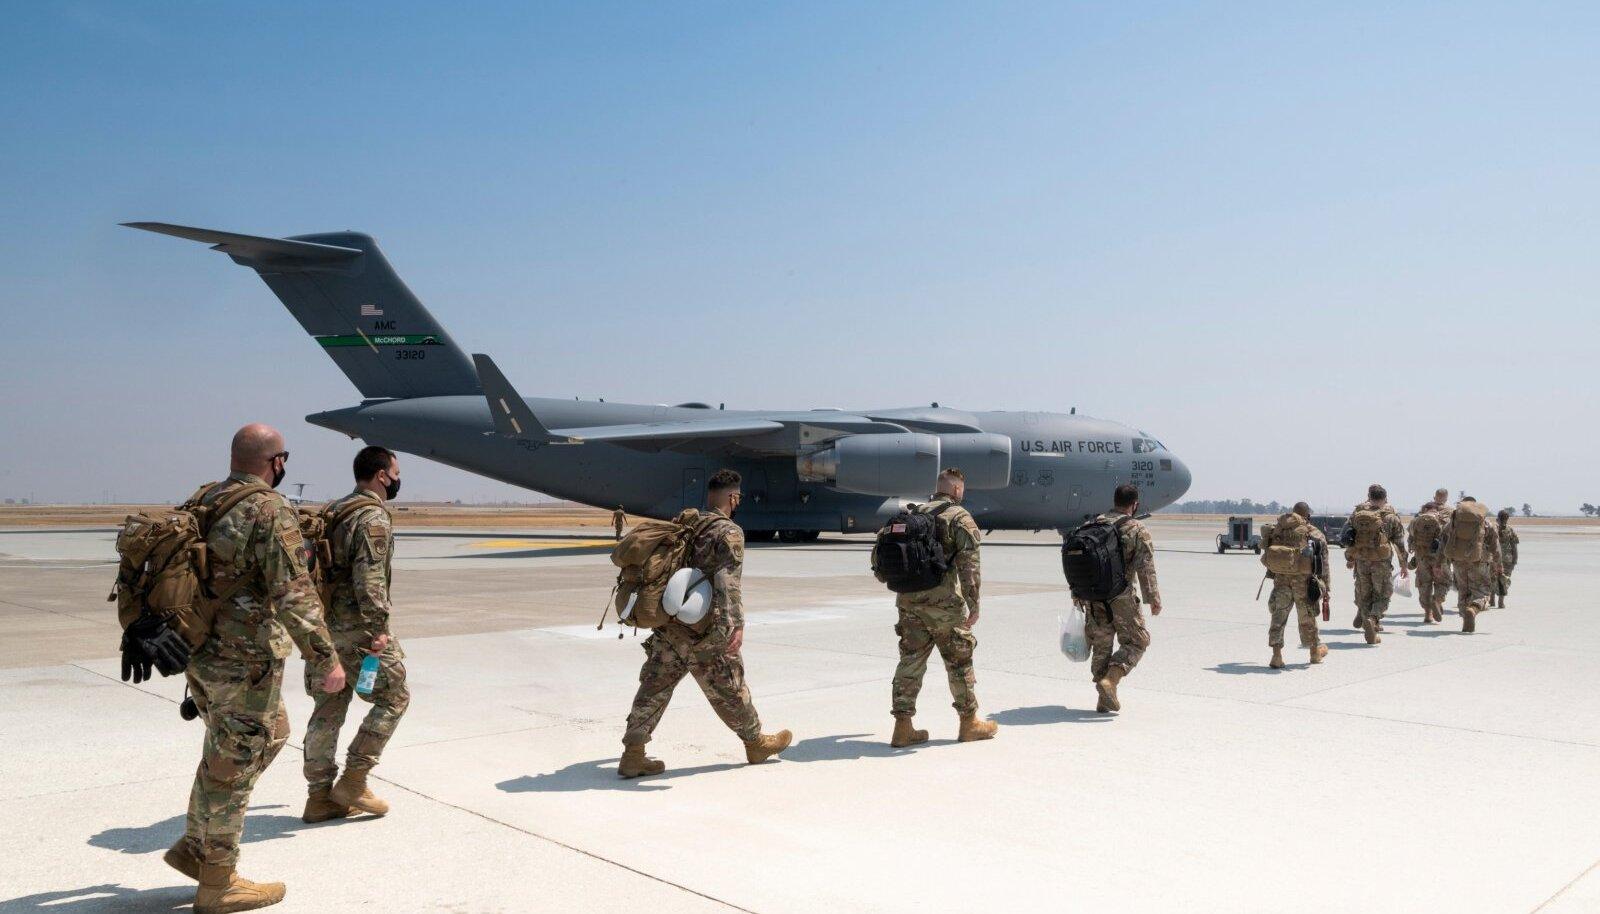 Ameeriklased tuletasid Afganistanis maailmale, sealhulgas ka Eestile meelde, et nende kohalolu ei tohi võtta iseenesestmõistetavalt ja kui kokkuleppeid ei täideta, võivad nad ka minema marssida.